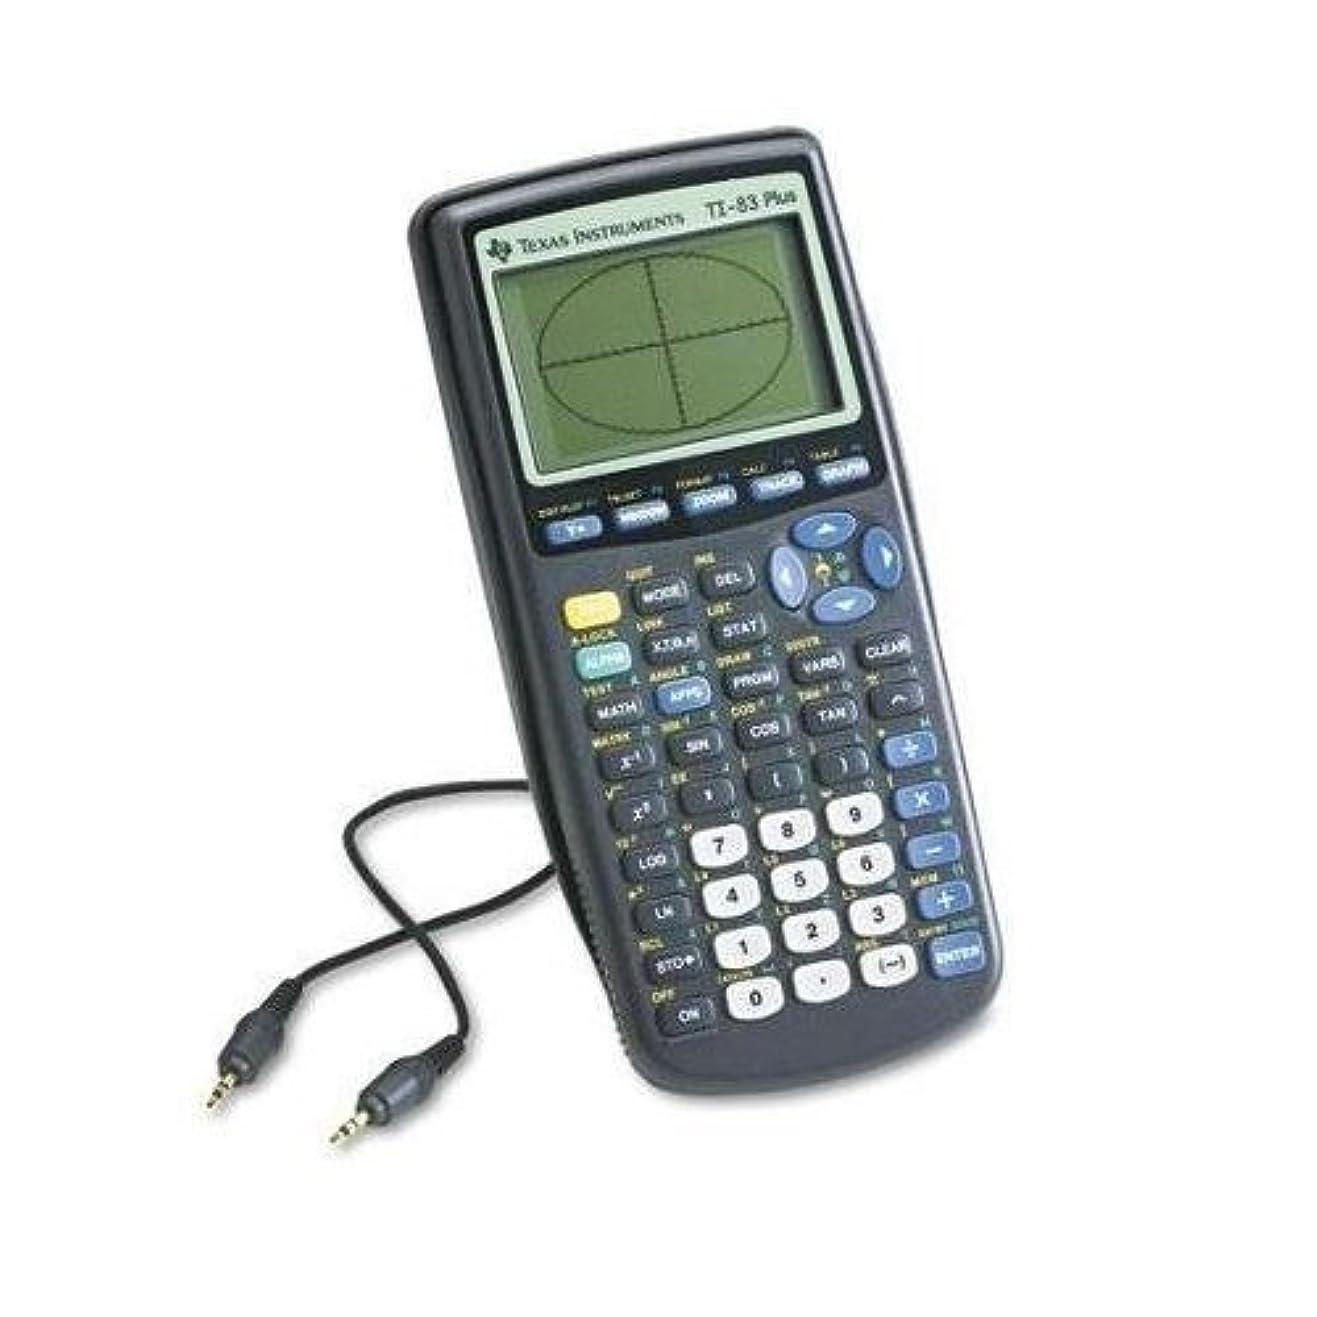 メンダシティ部門故障中Texas Instruments、(Ti - 83?) Graphing Calculator